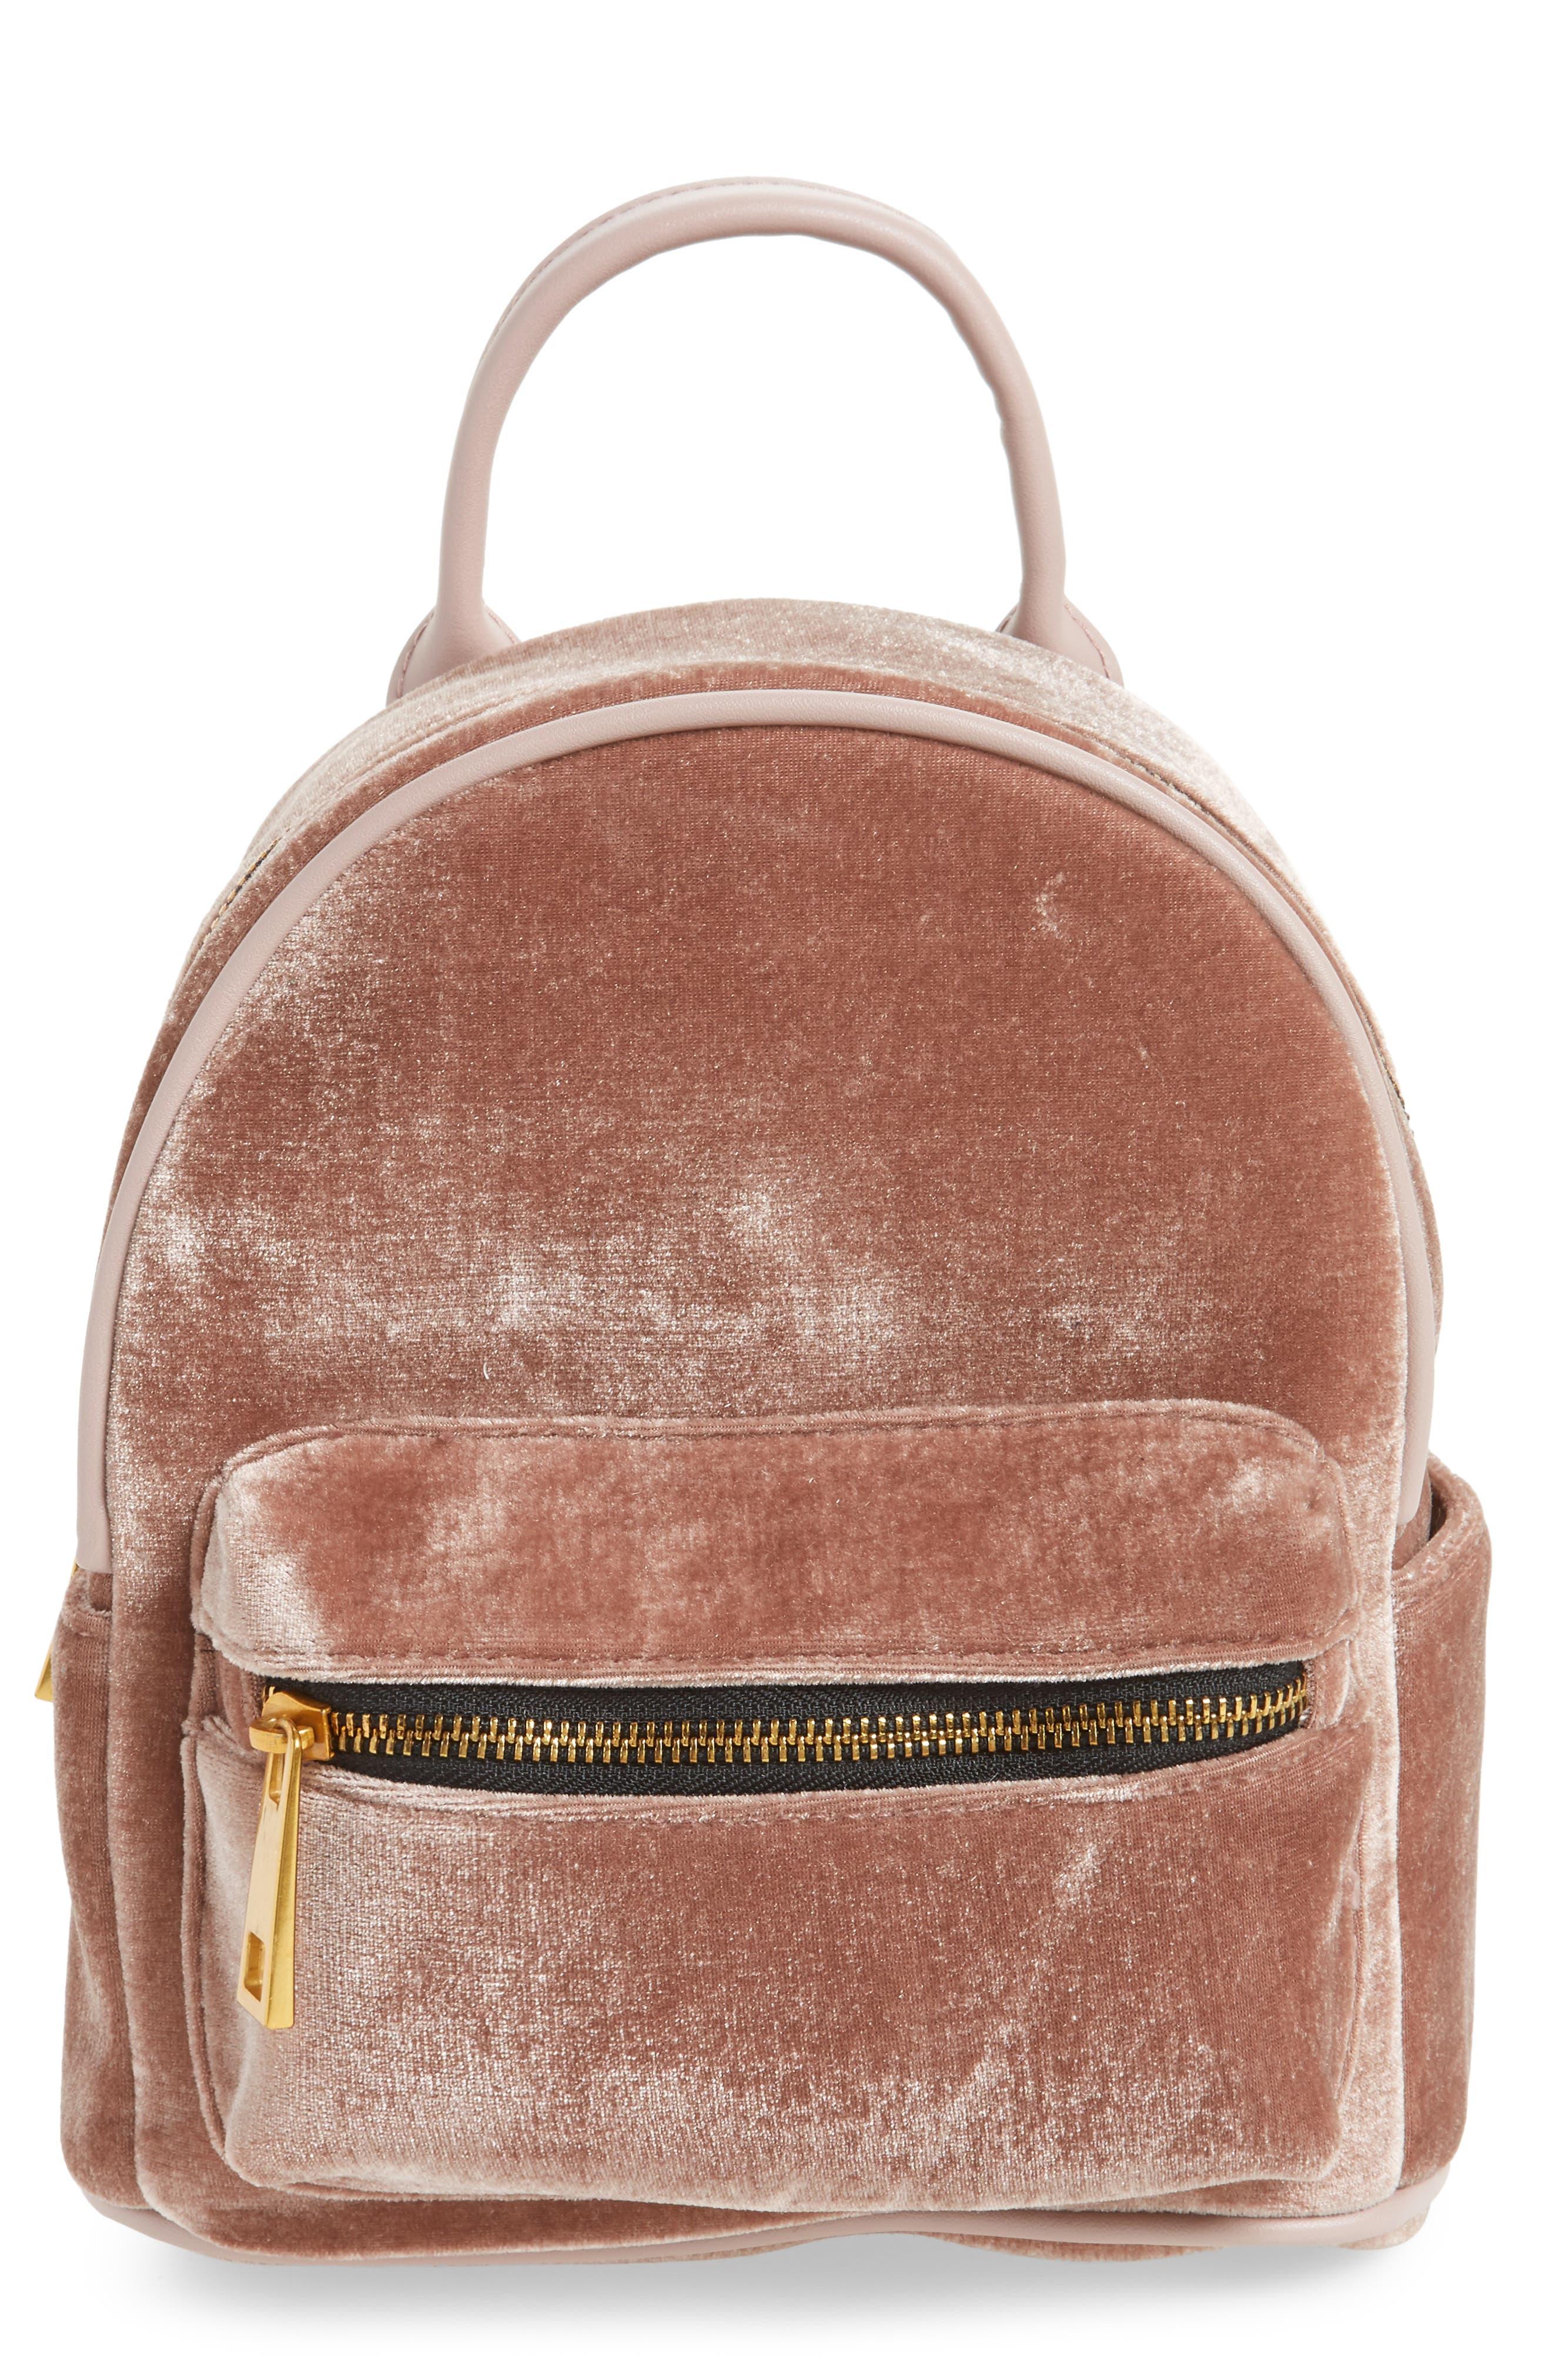 Alternate Image 1 Selected - Street Level Velvet Backpack